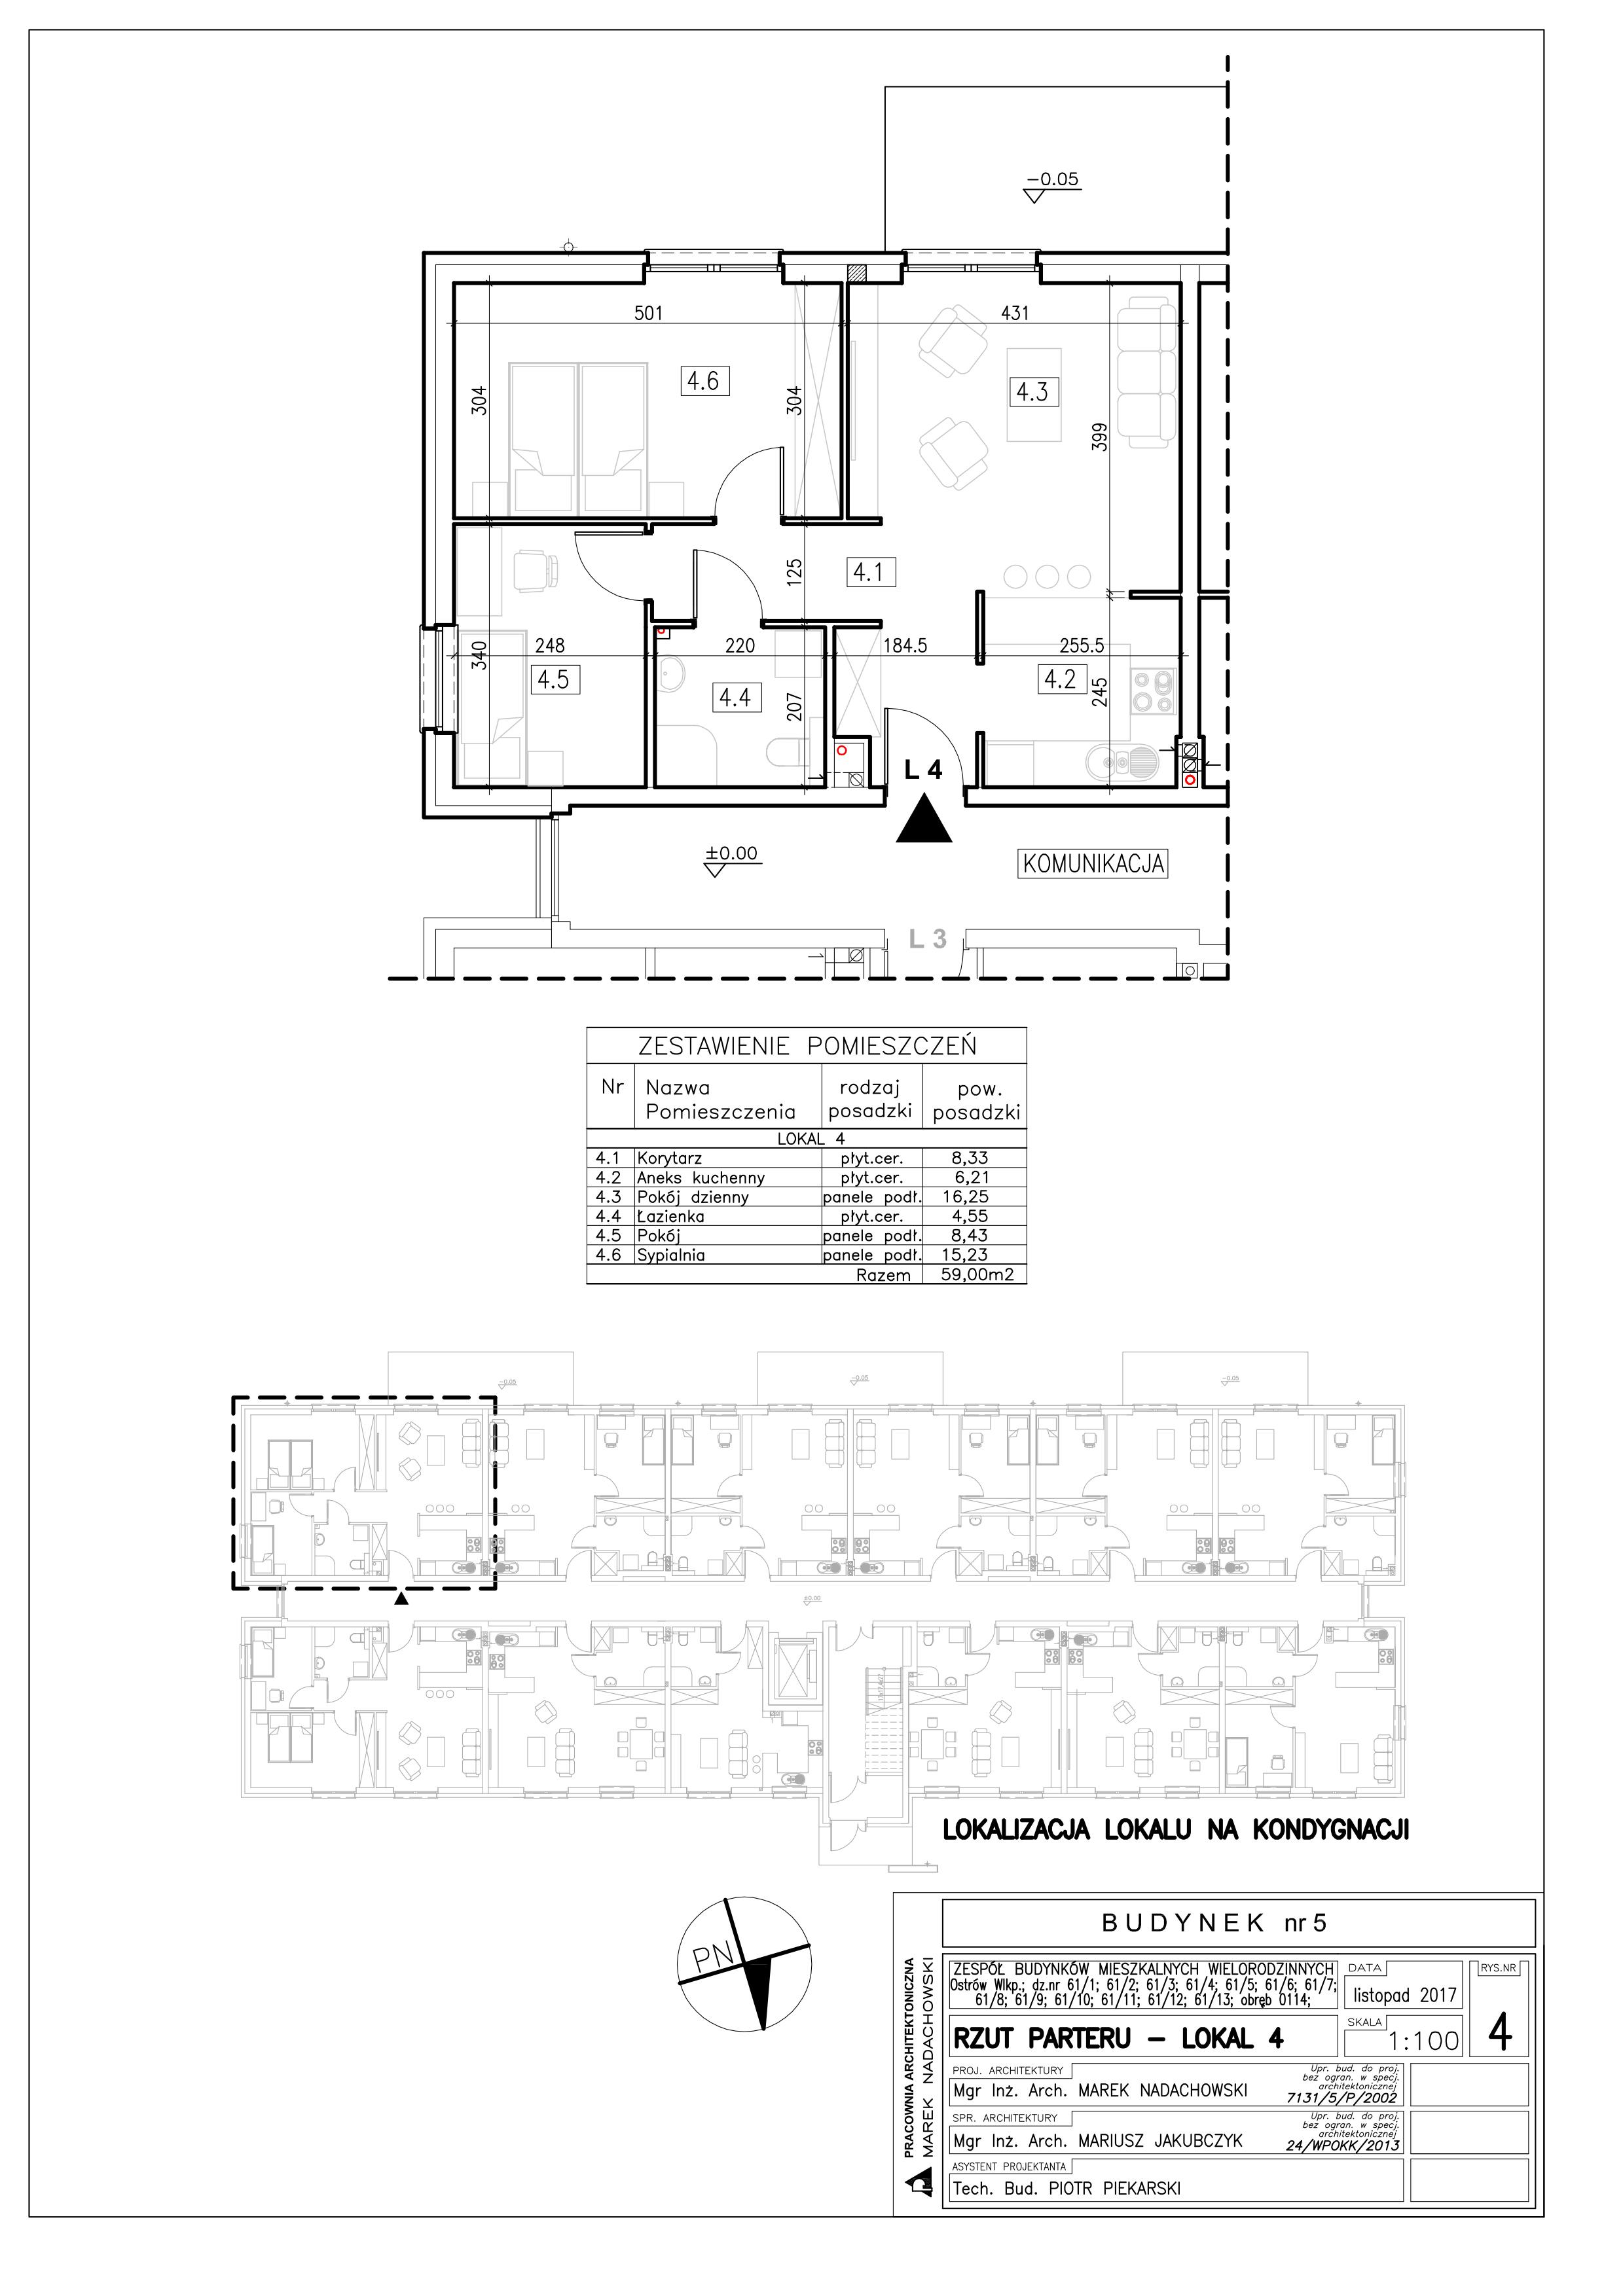 Lokal nr 4 Powierzchnia: 59,00 m2